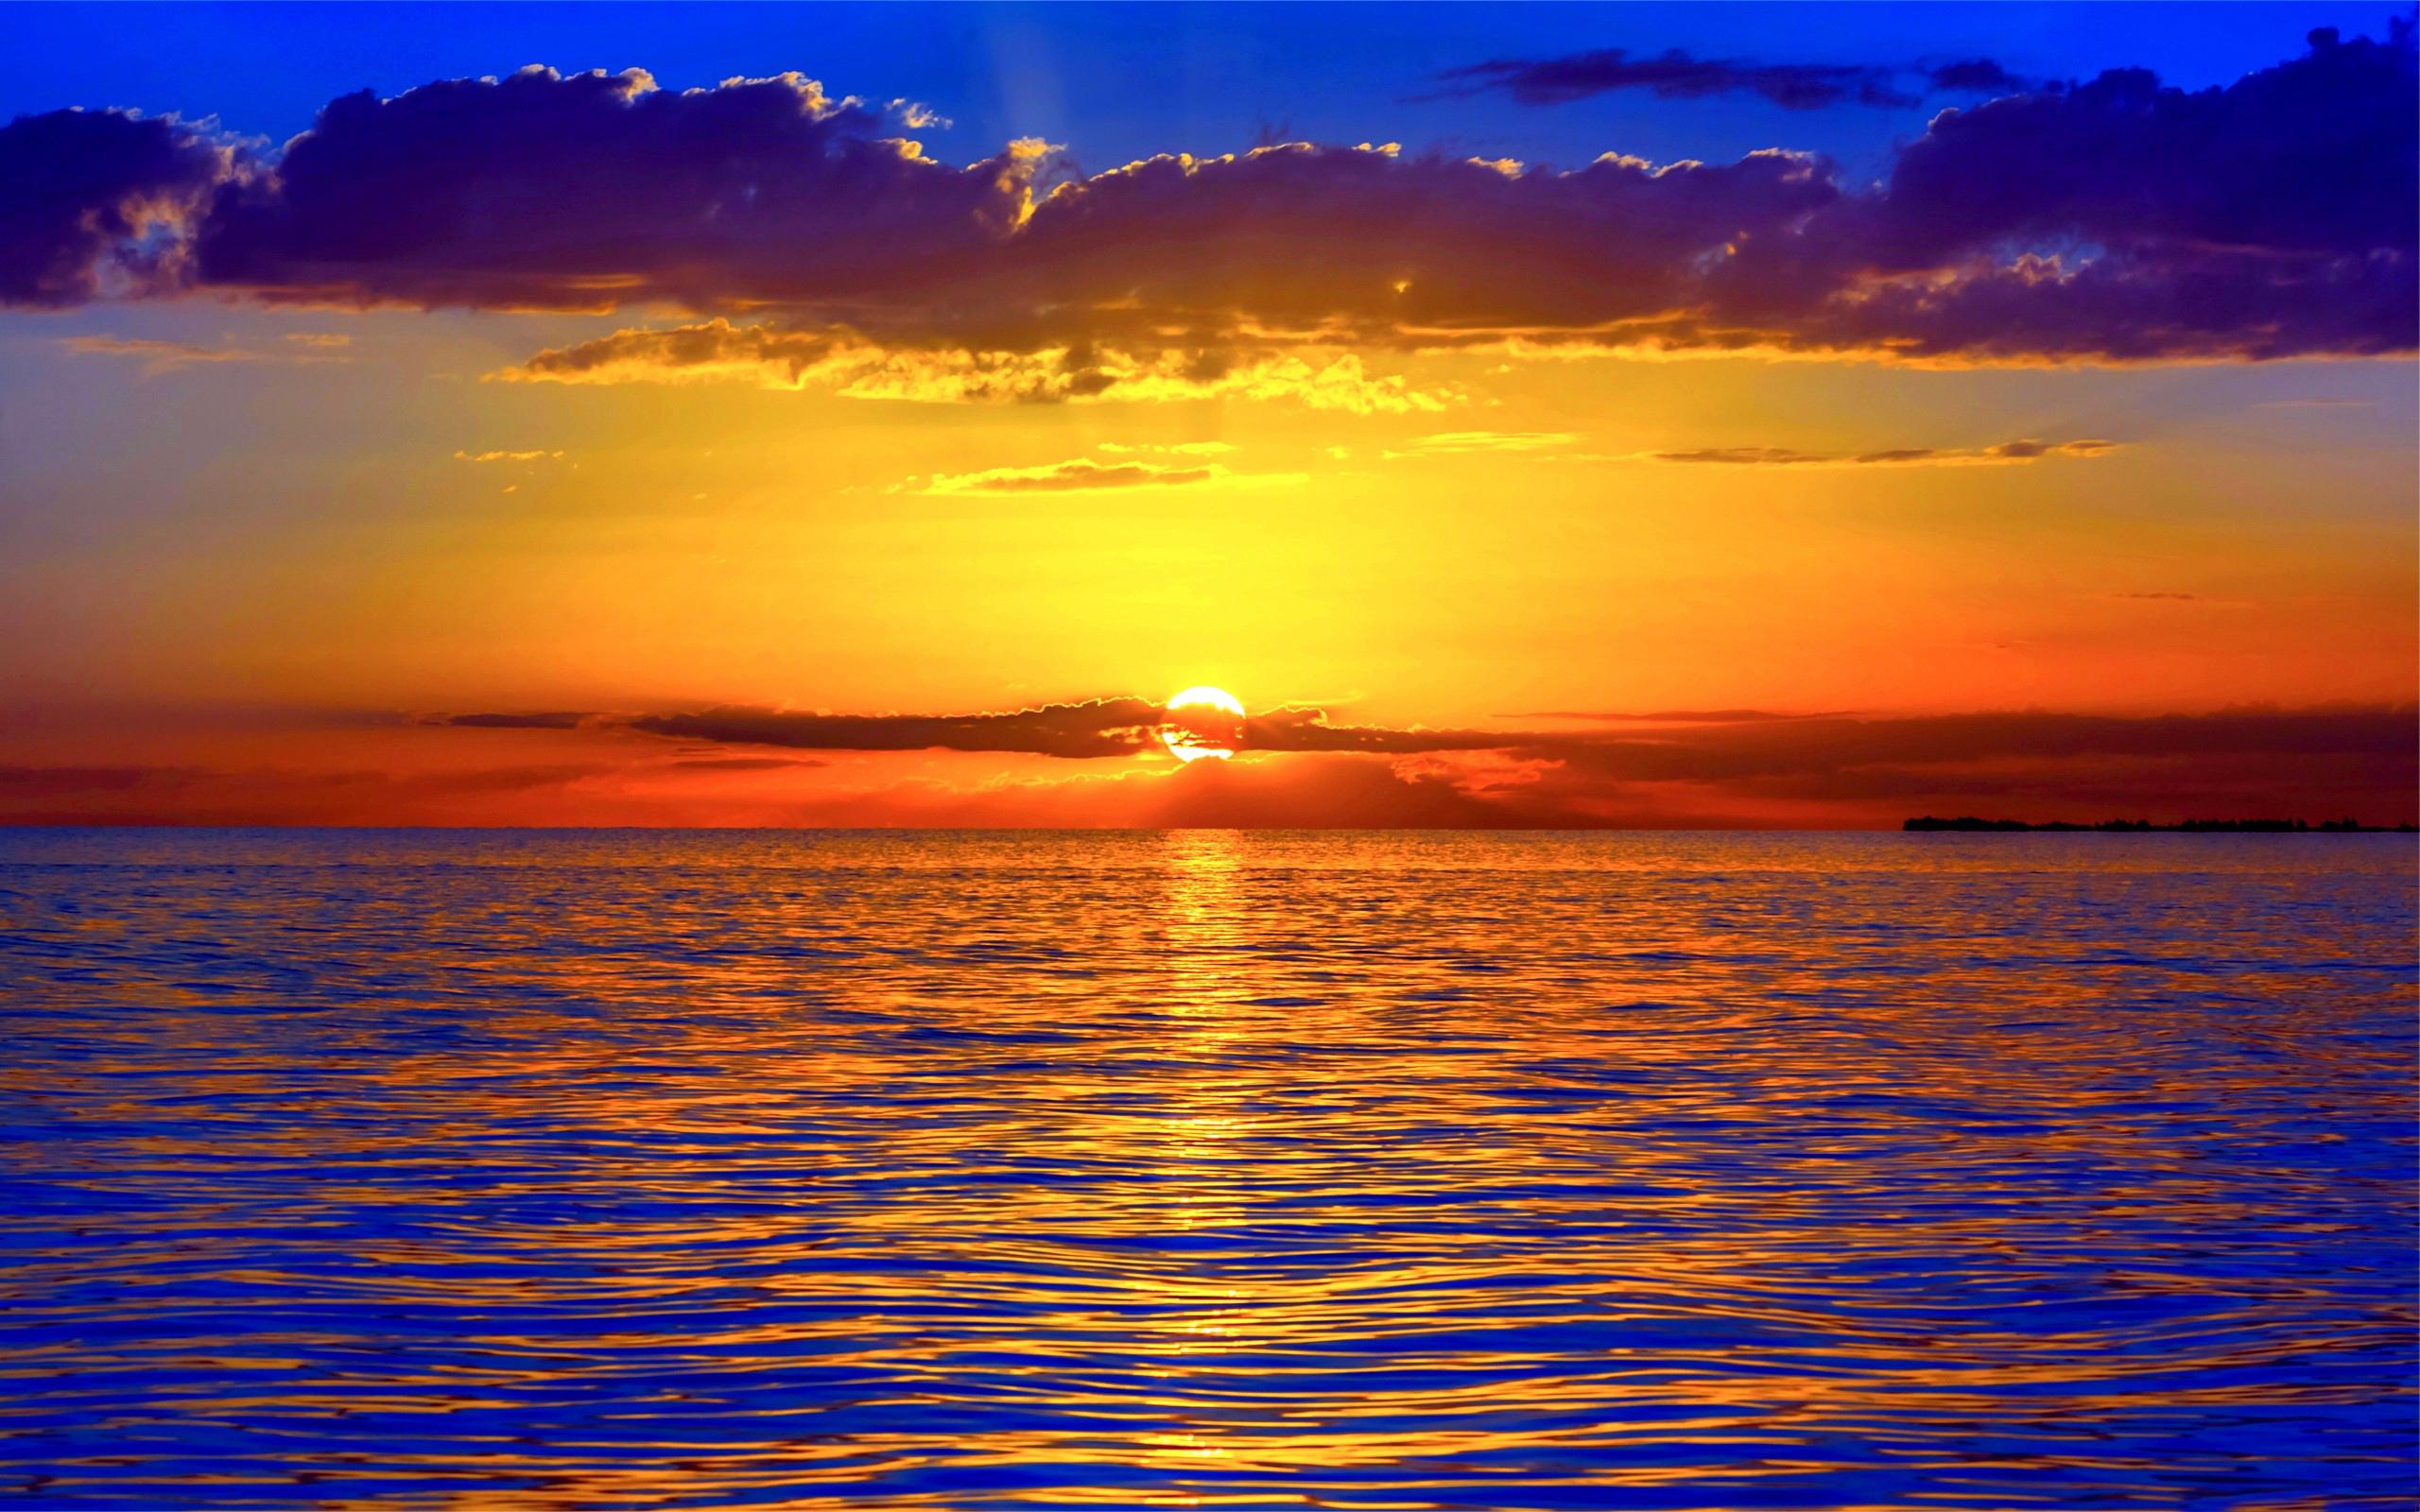 Не спокойное море в лучах заката  № 3849256 бесплатно